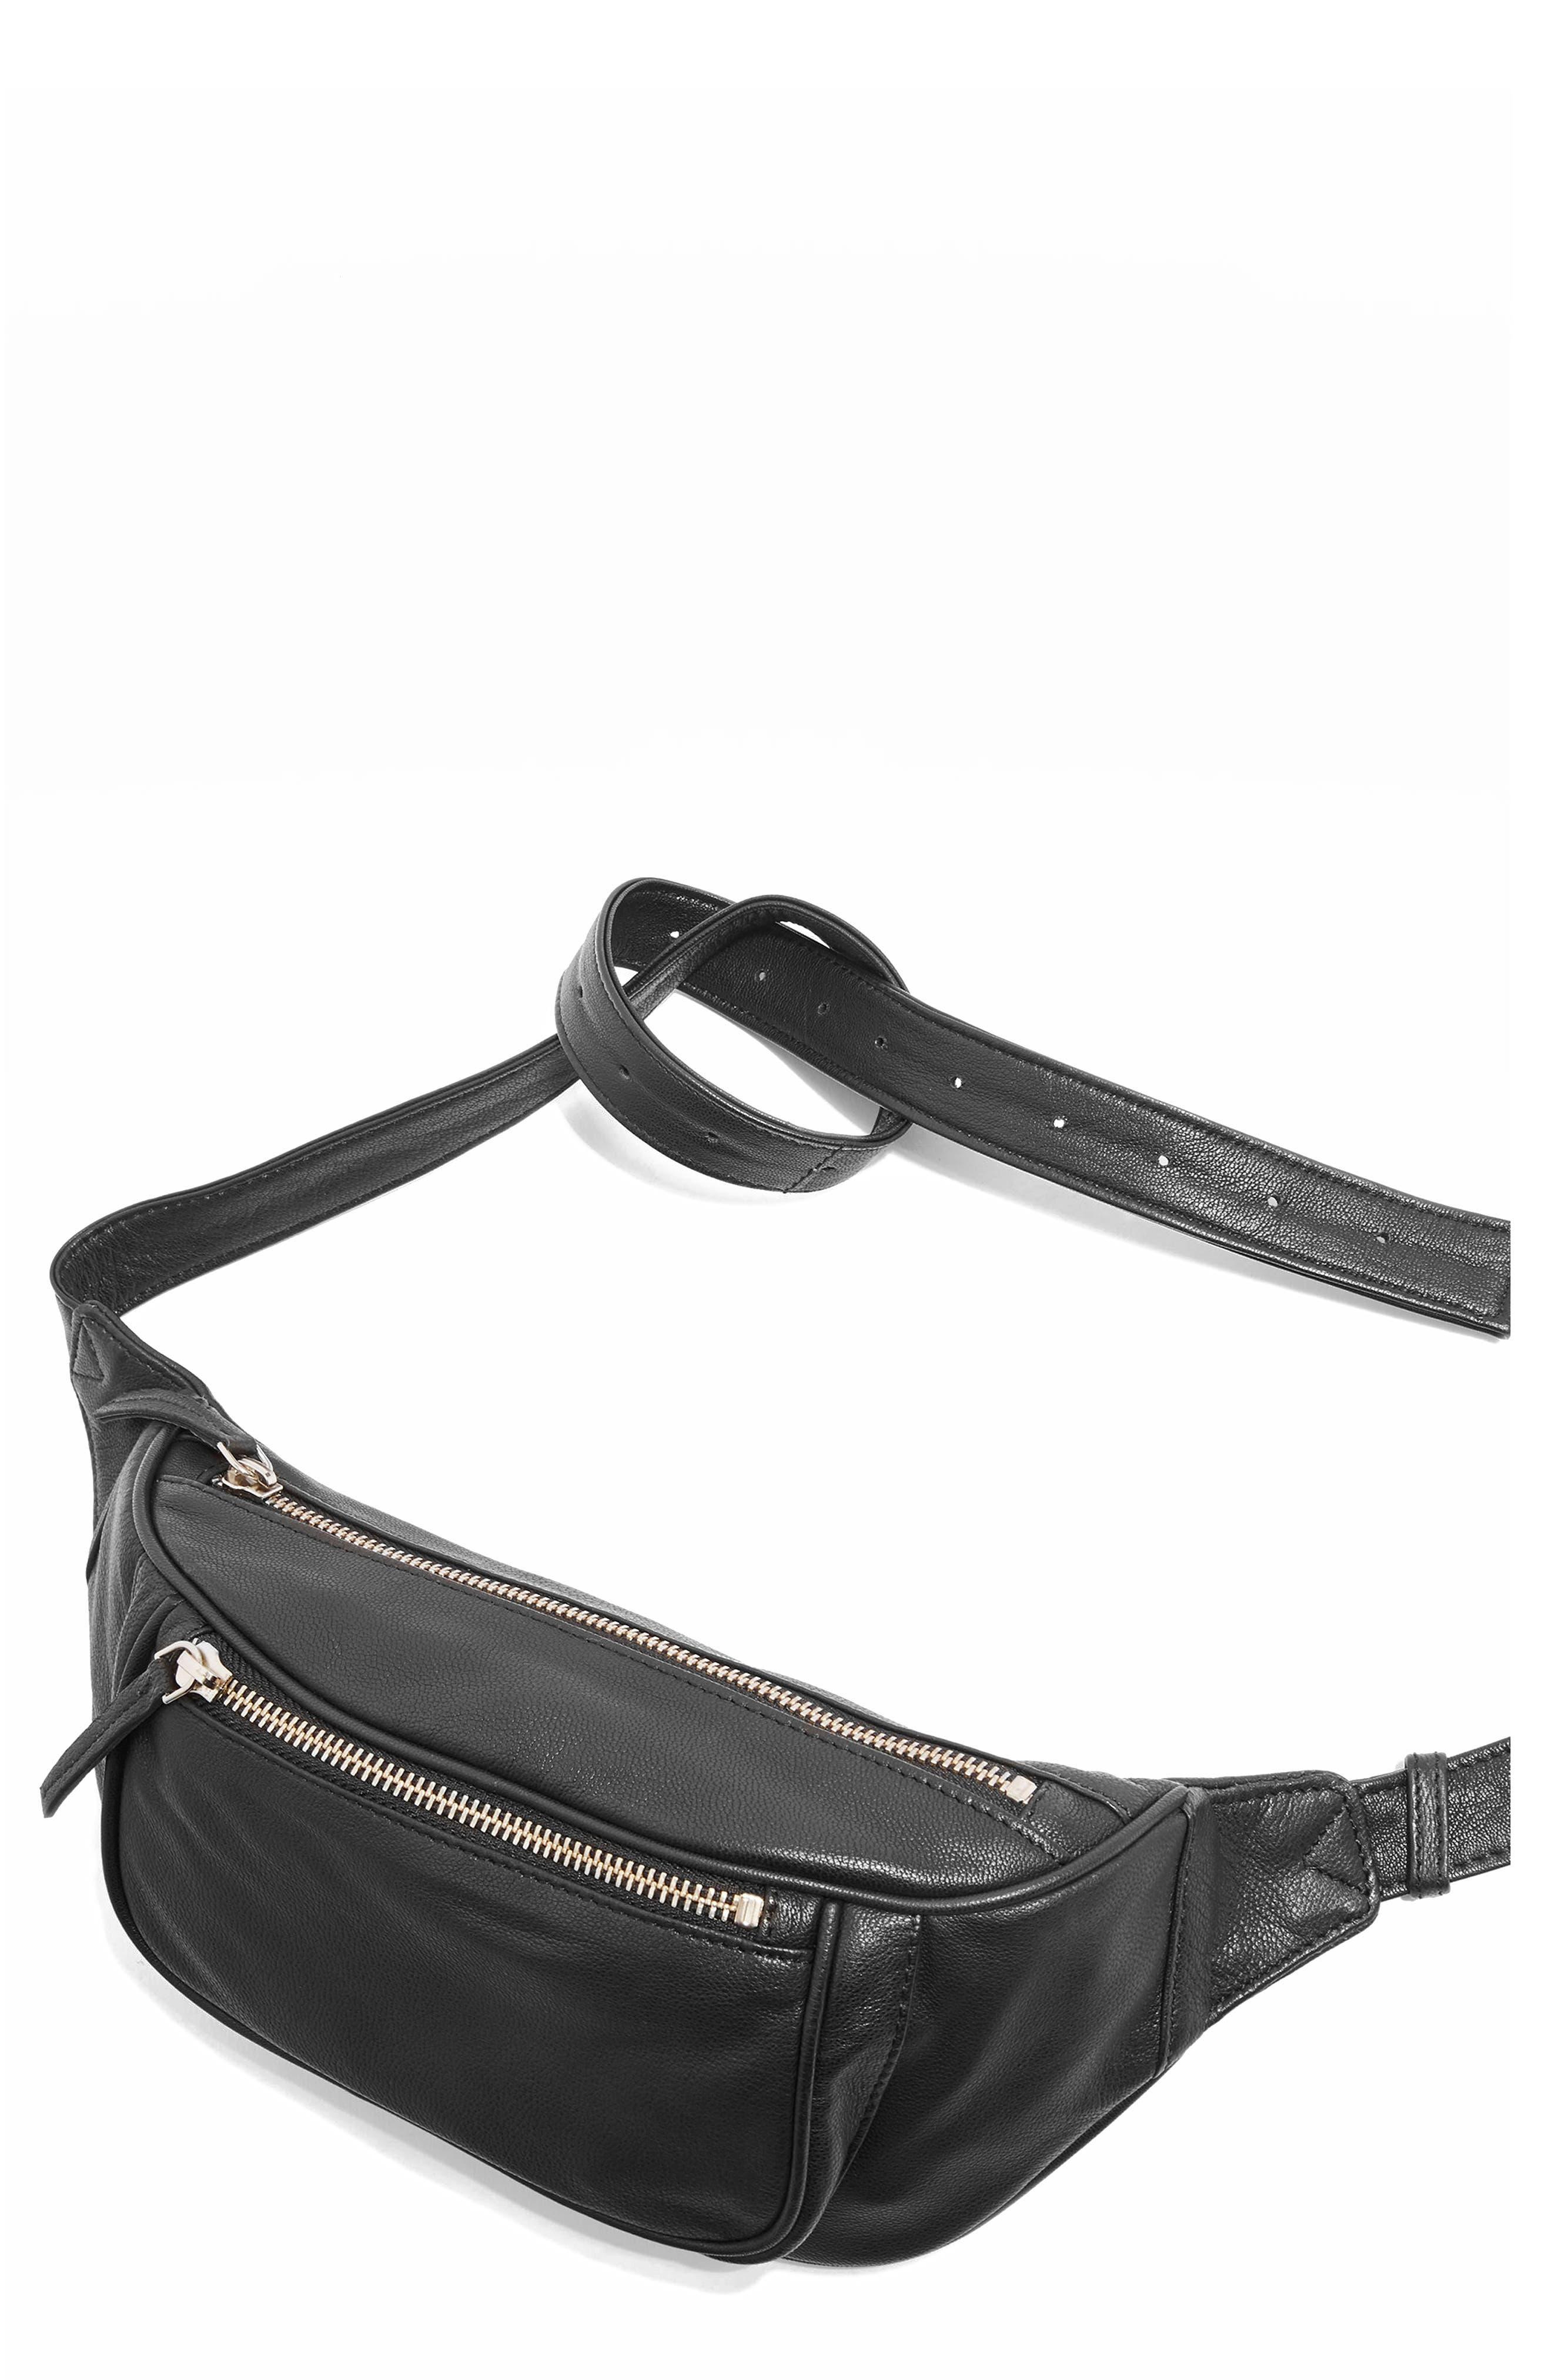 Main Image - Topshop Leather Bumbag